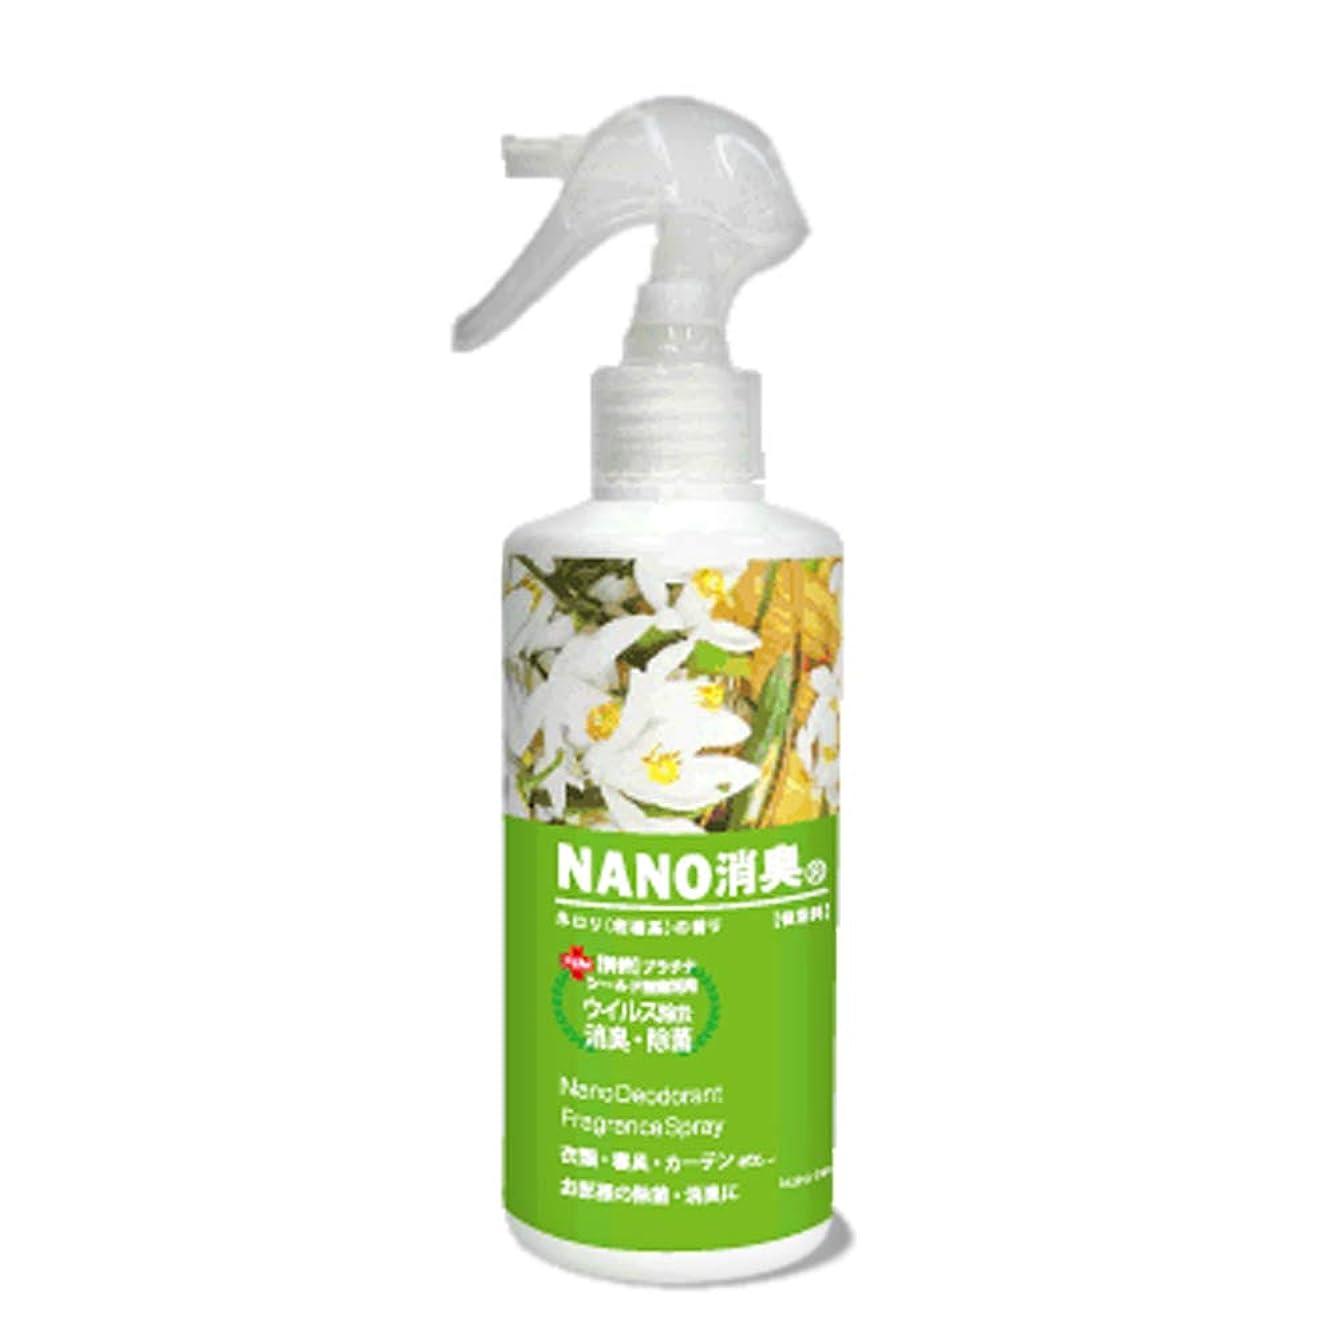 コスチュームクラウド慰めNANO消臭 スプレー マスク スプレー トイレ 消臭剤 芳香剤 (ネロリ)